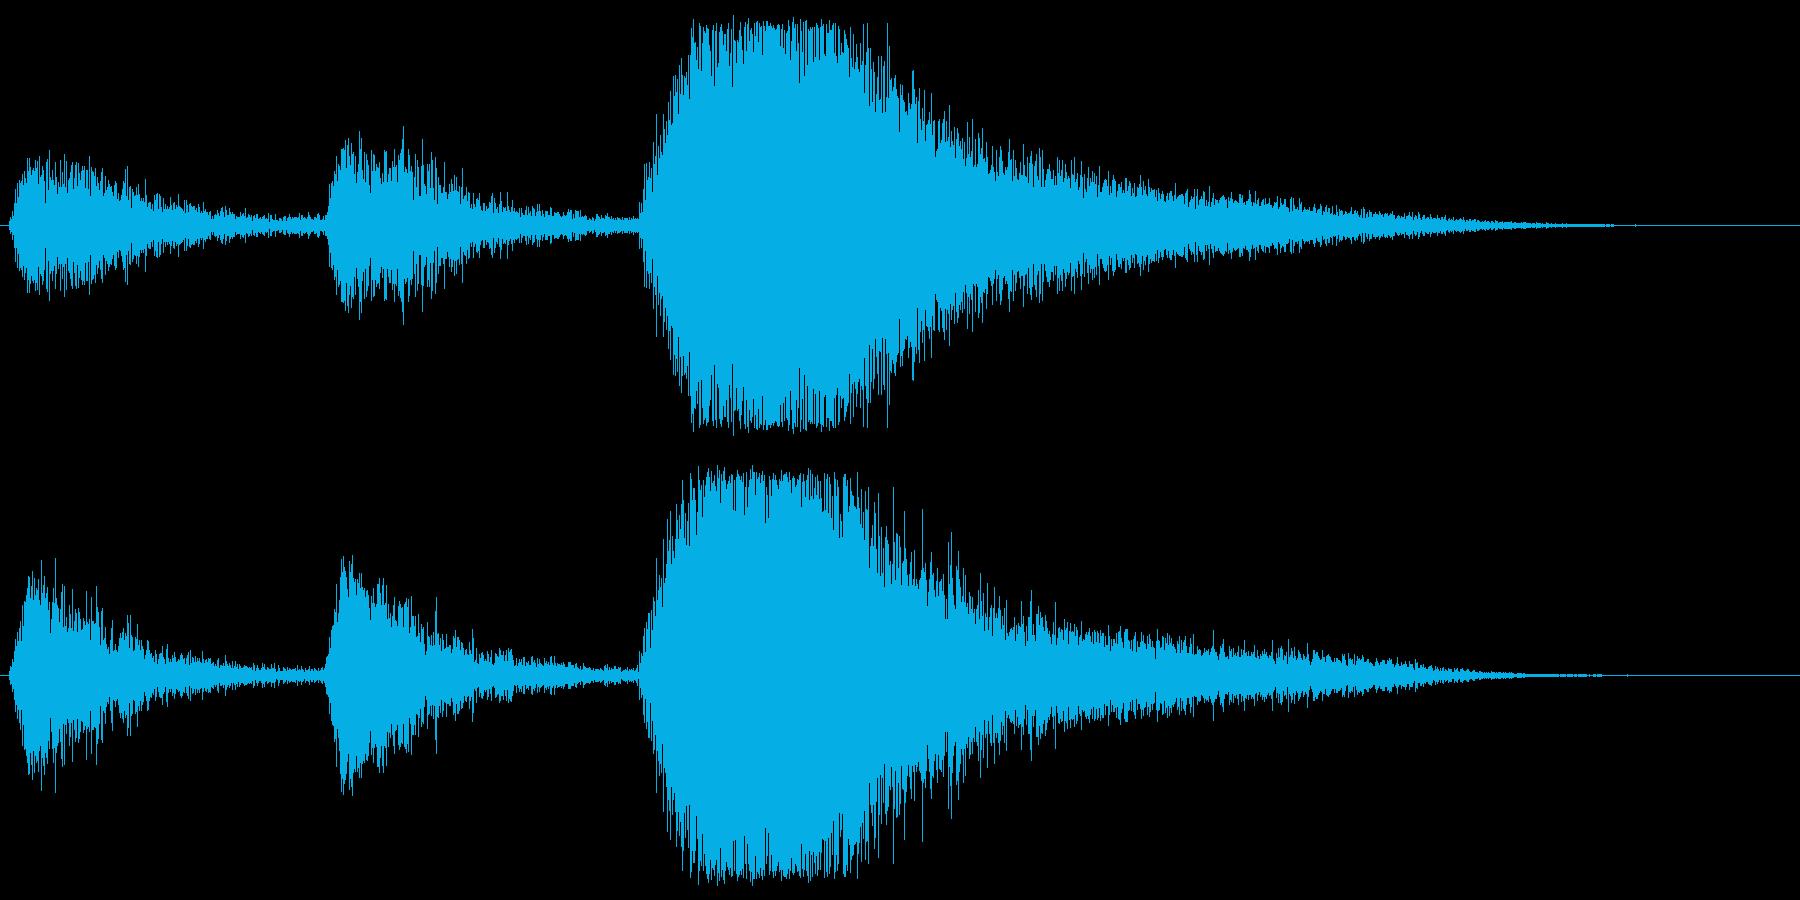 何か(吸血鬼など)が飛び出してくる音の再生済みの波形